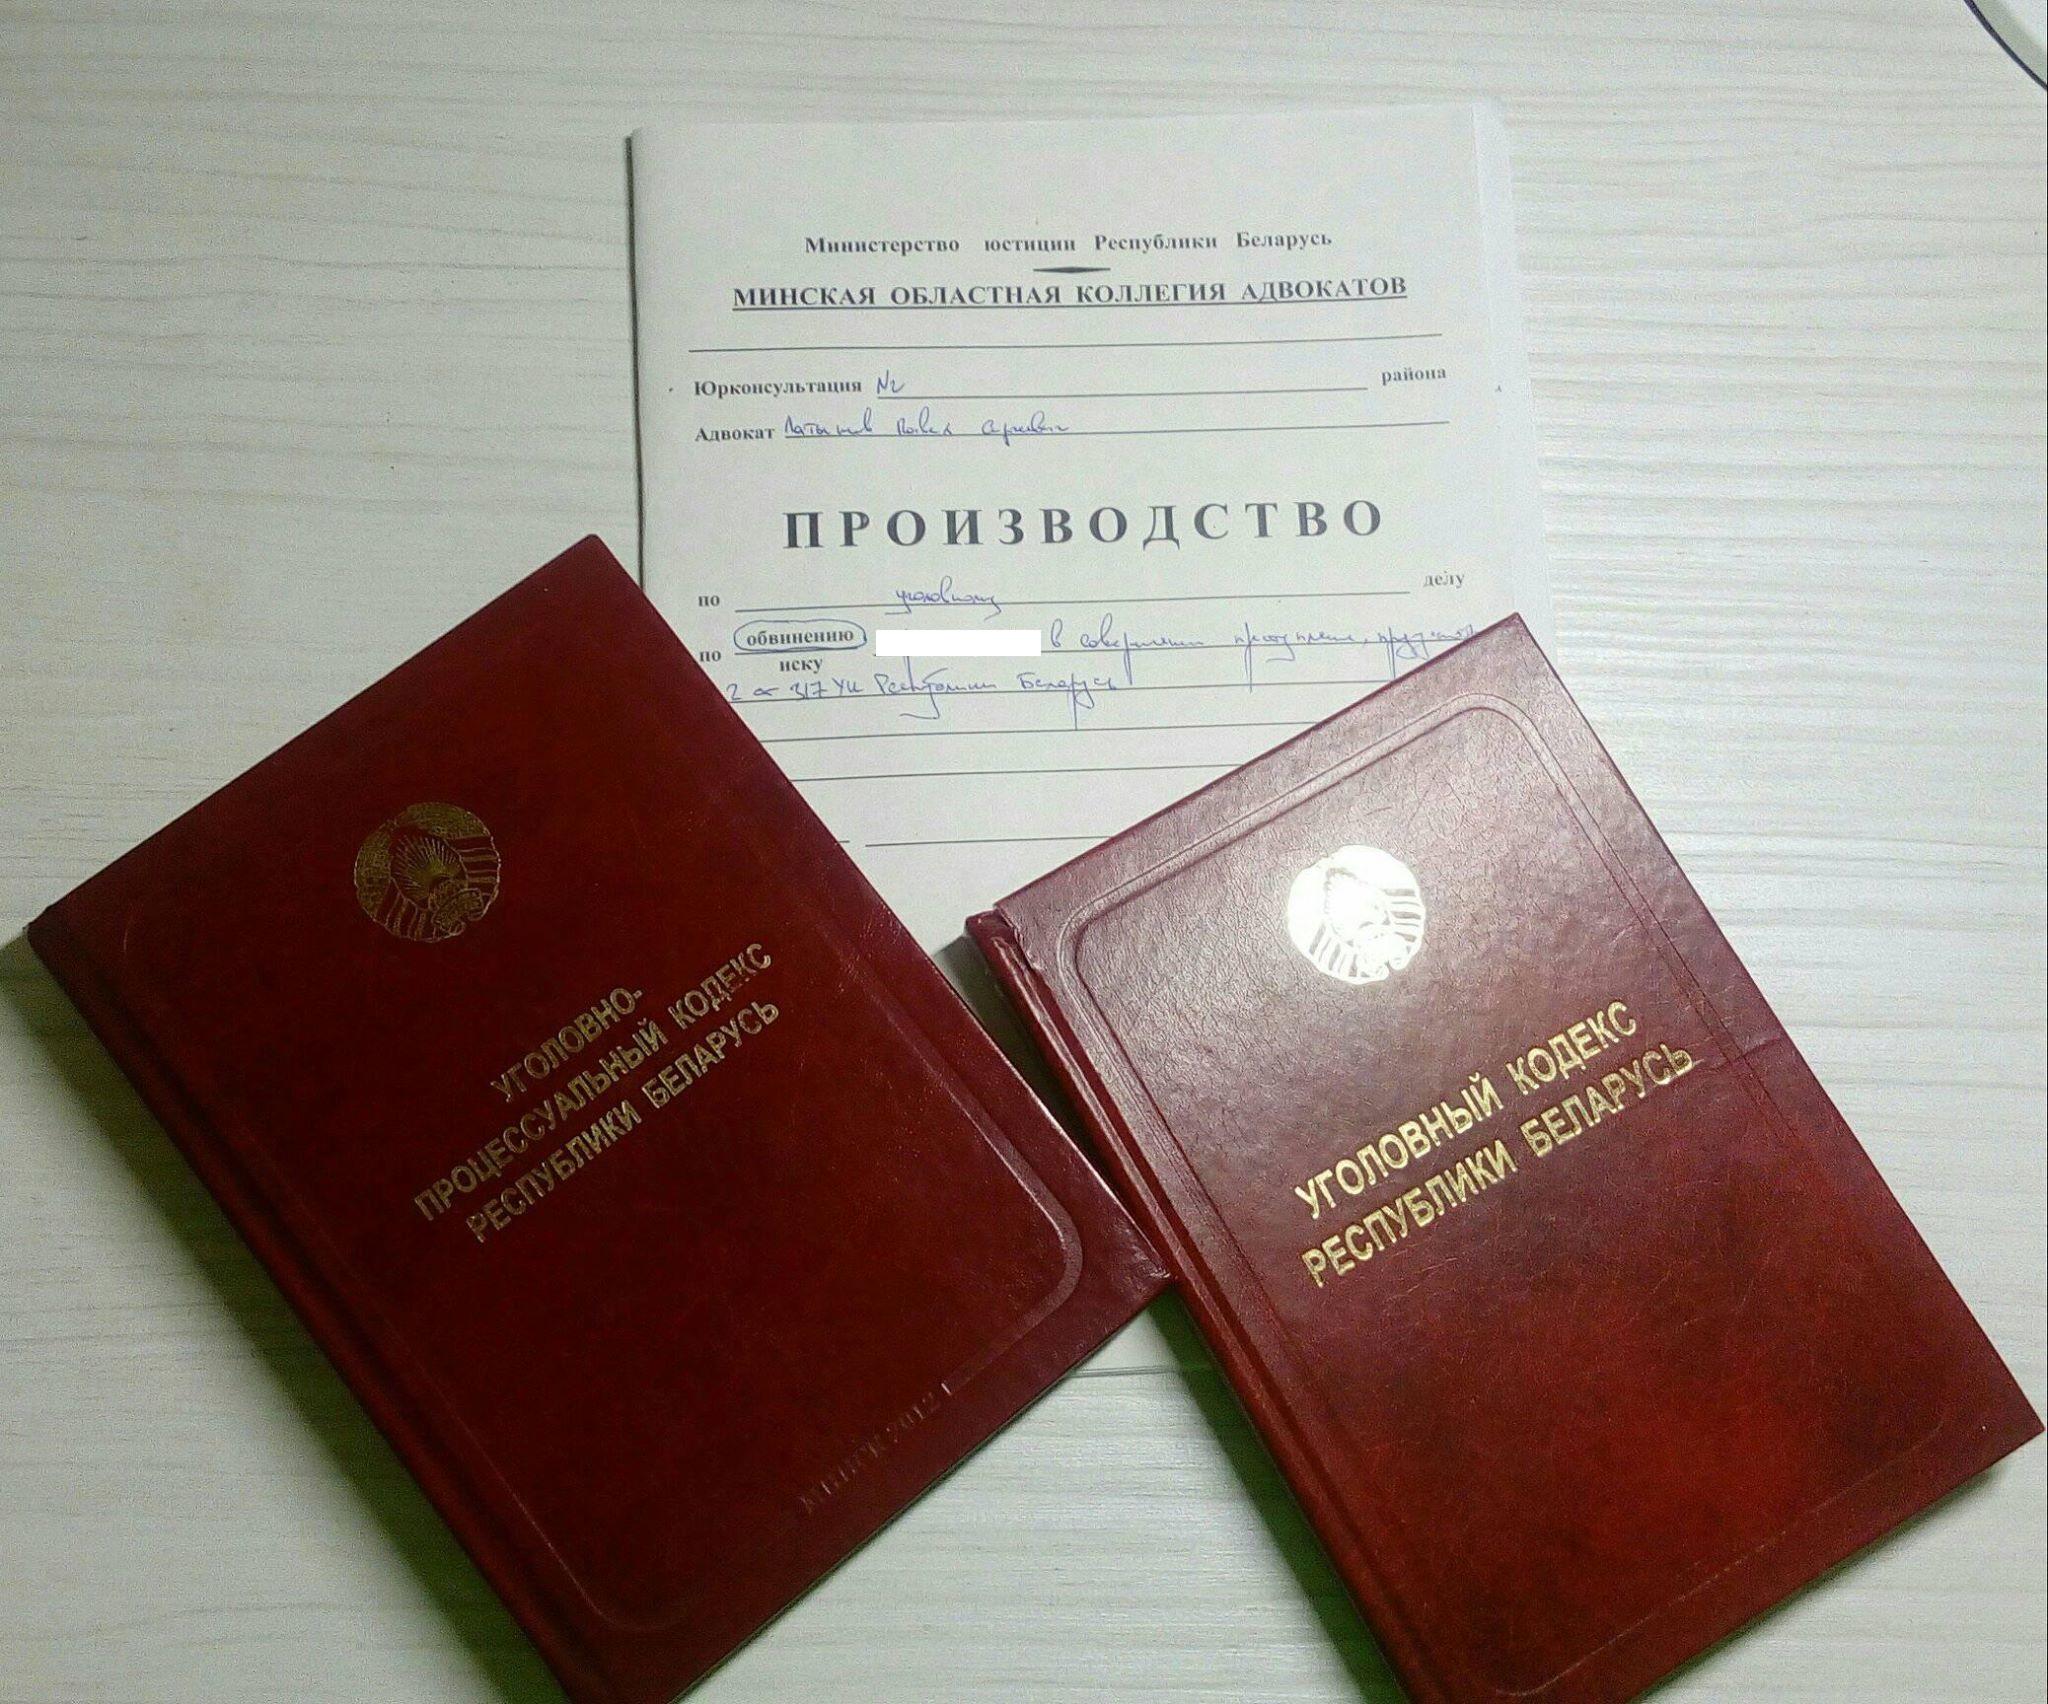 адвокат по уголовным делам Латышев С.В. в Минске и по всей Беларуси